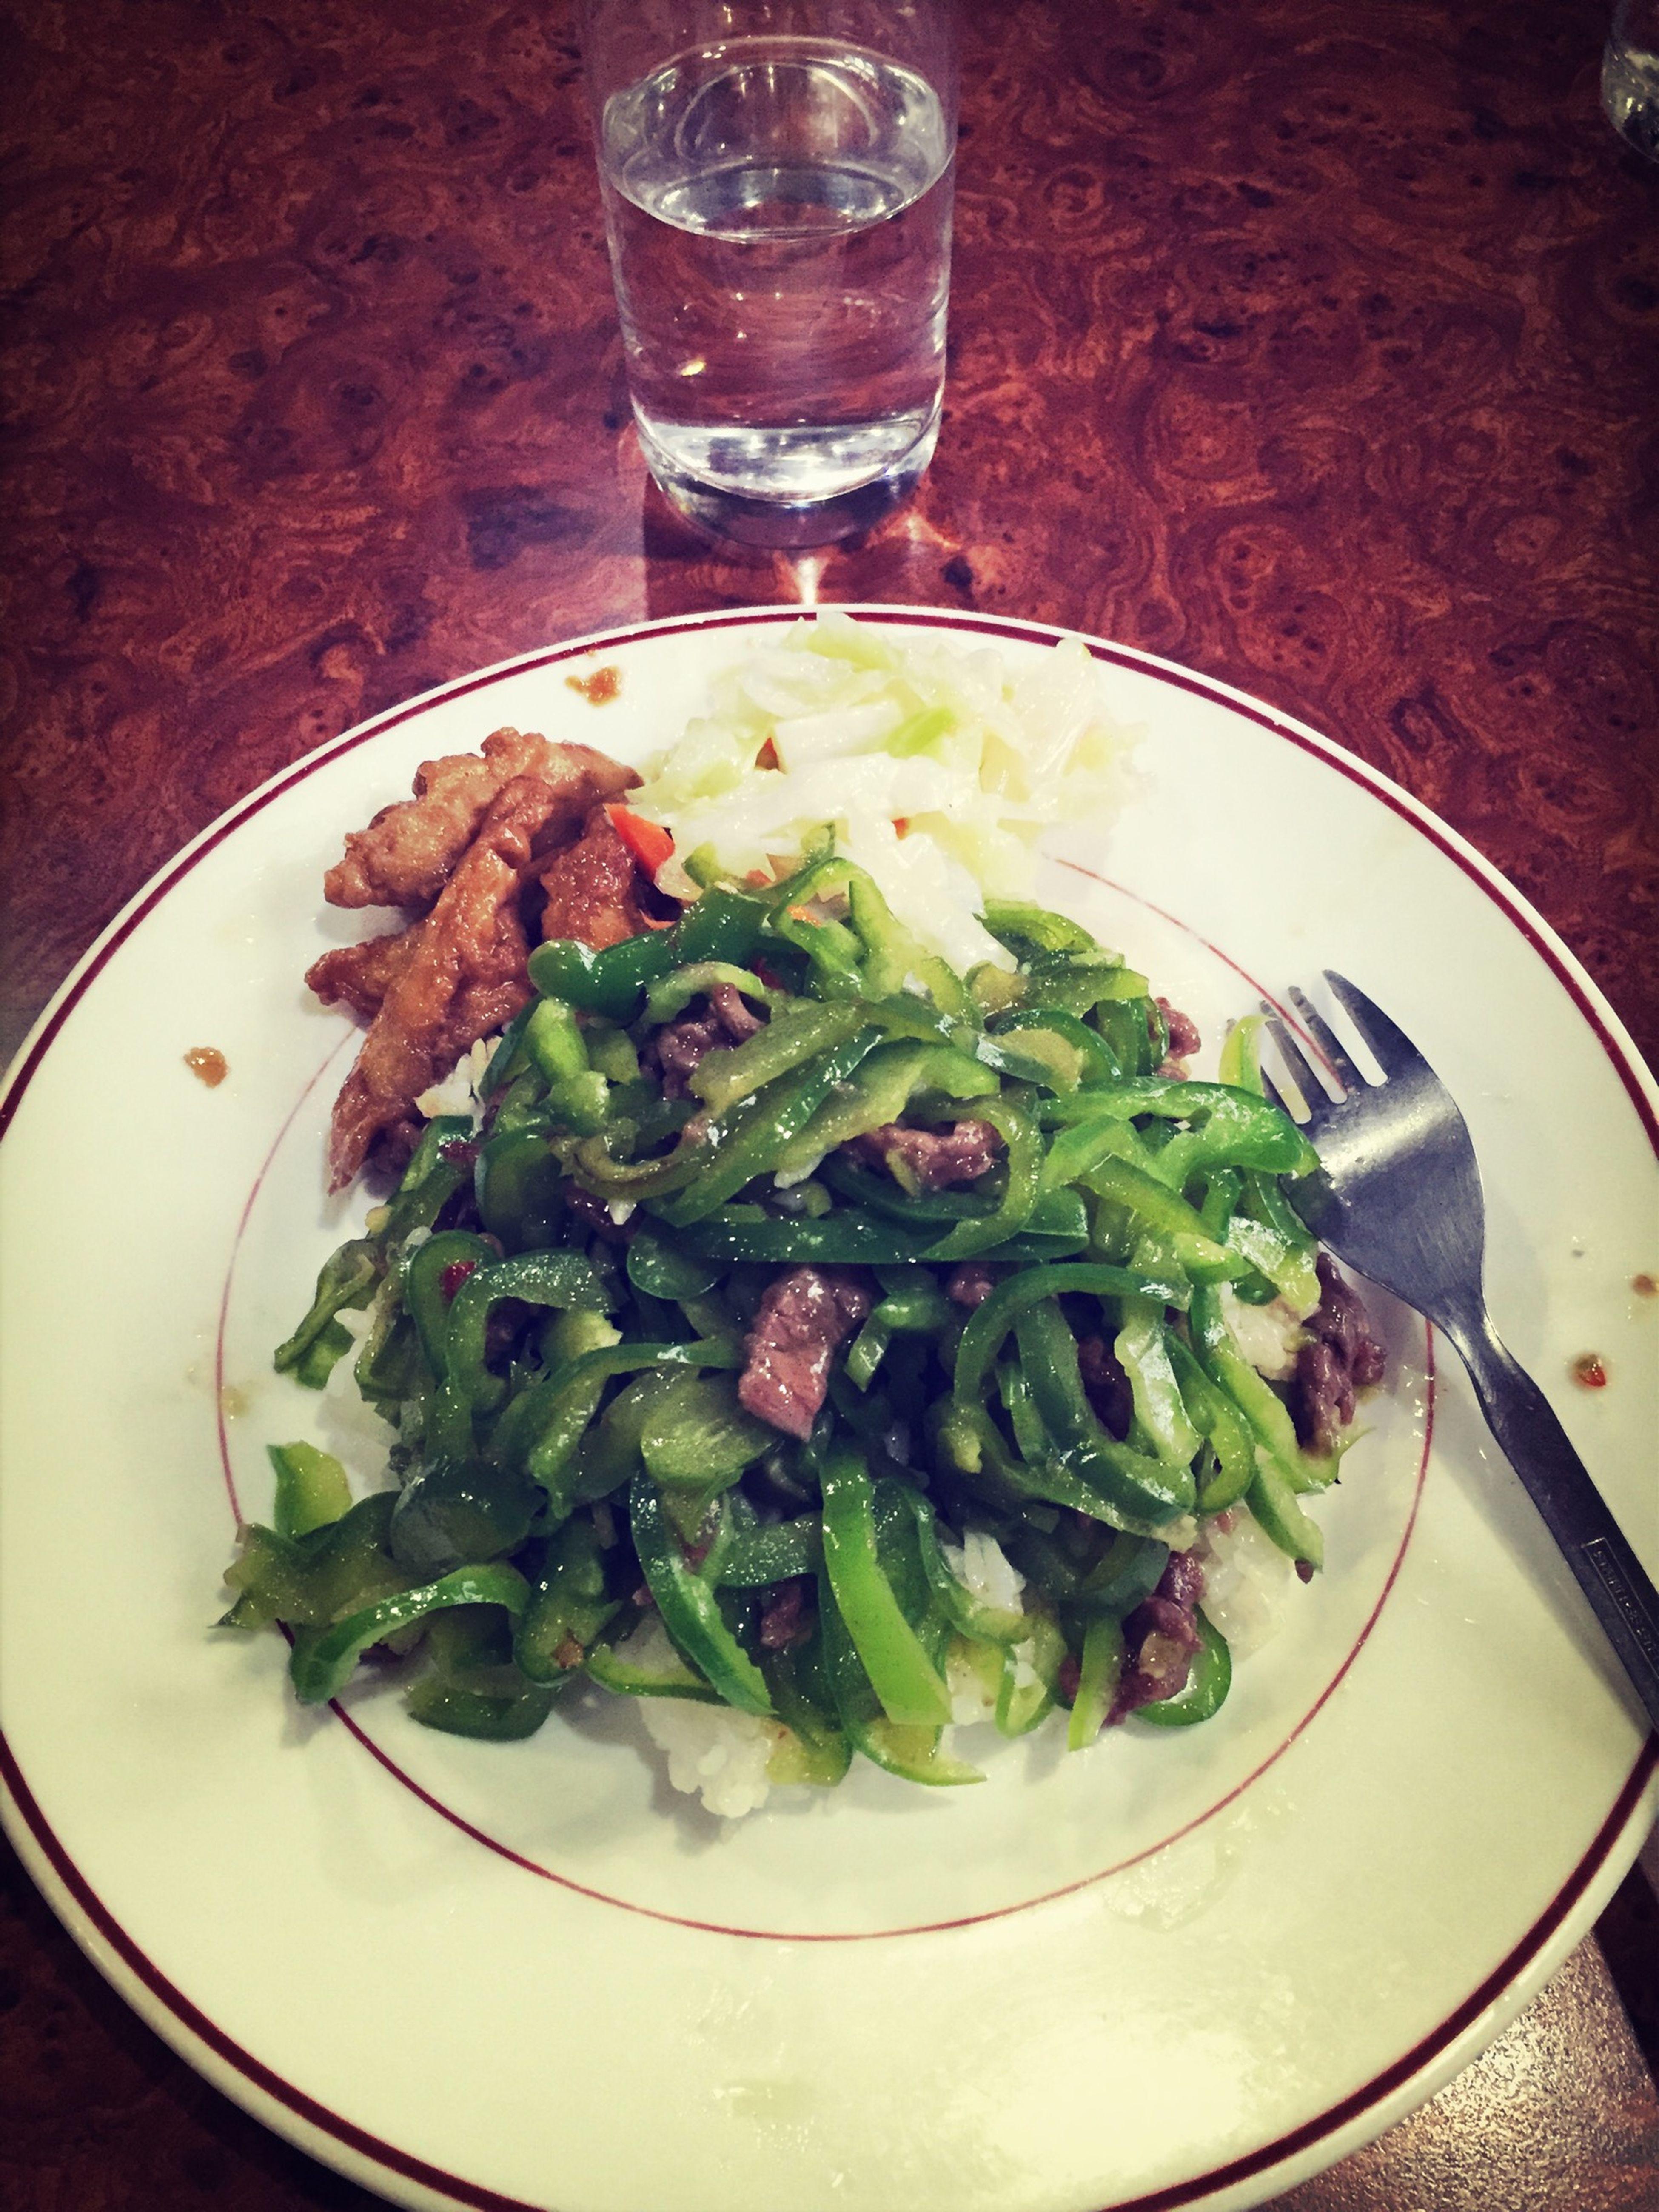 媽知道我愛吃青椒❤️特意帶我去吃青椒牛肉飯❤️這頓飯特別的洋蔥?